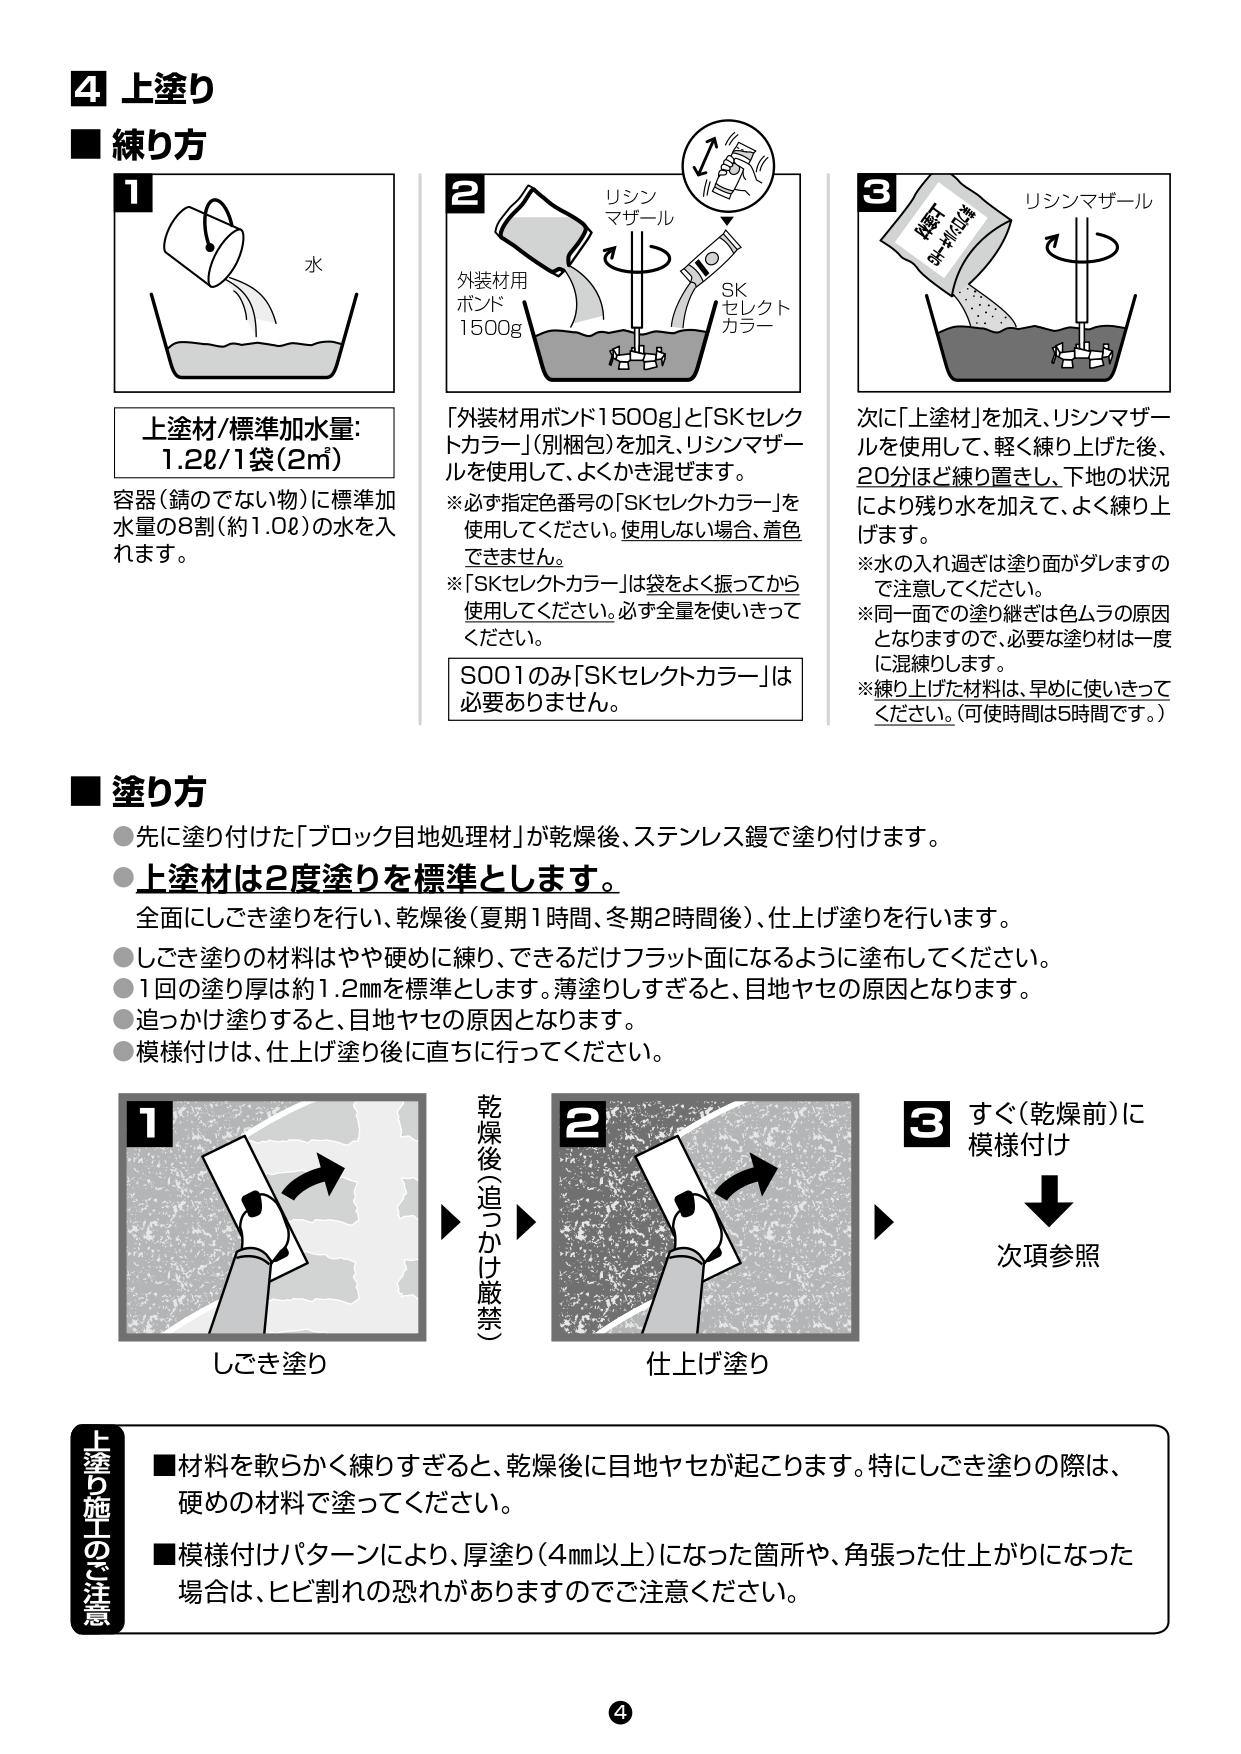 美ブロシルキーHG 施工説明書_page-0004